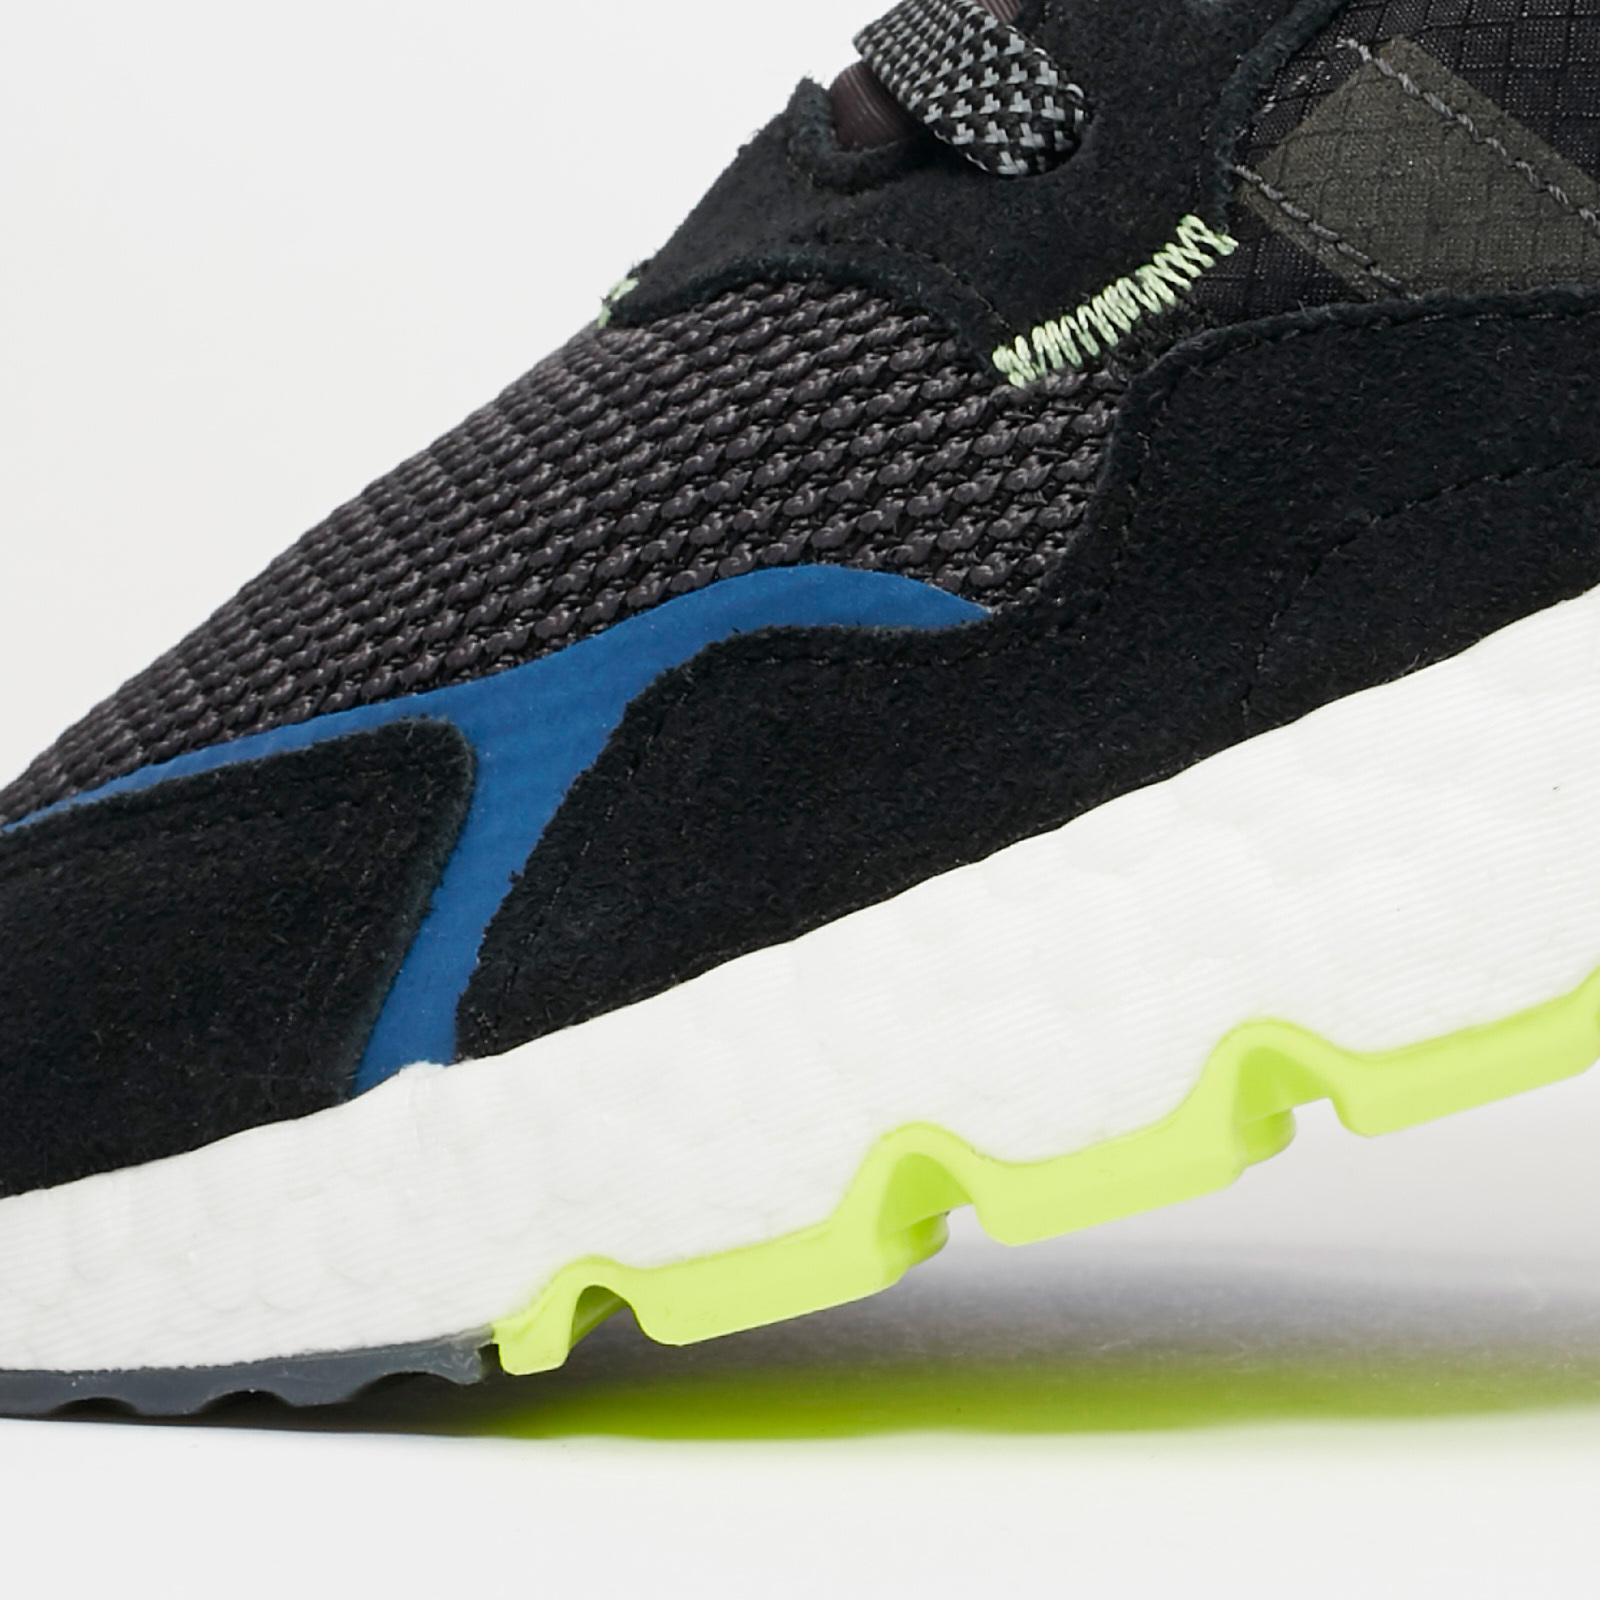 adidas Nite Jogger Ee9462 Sneakersnstuff I Sneakers